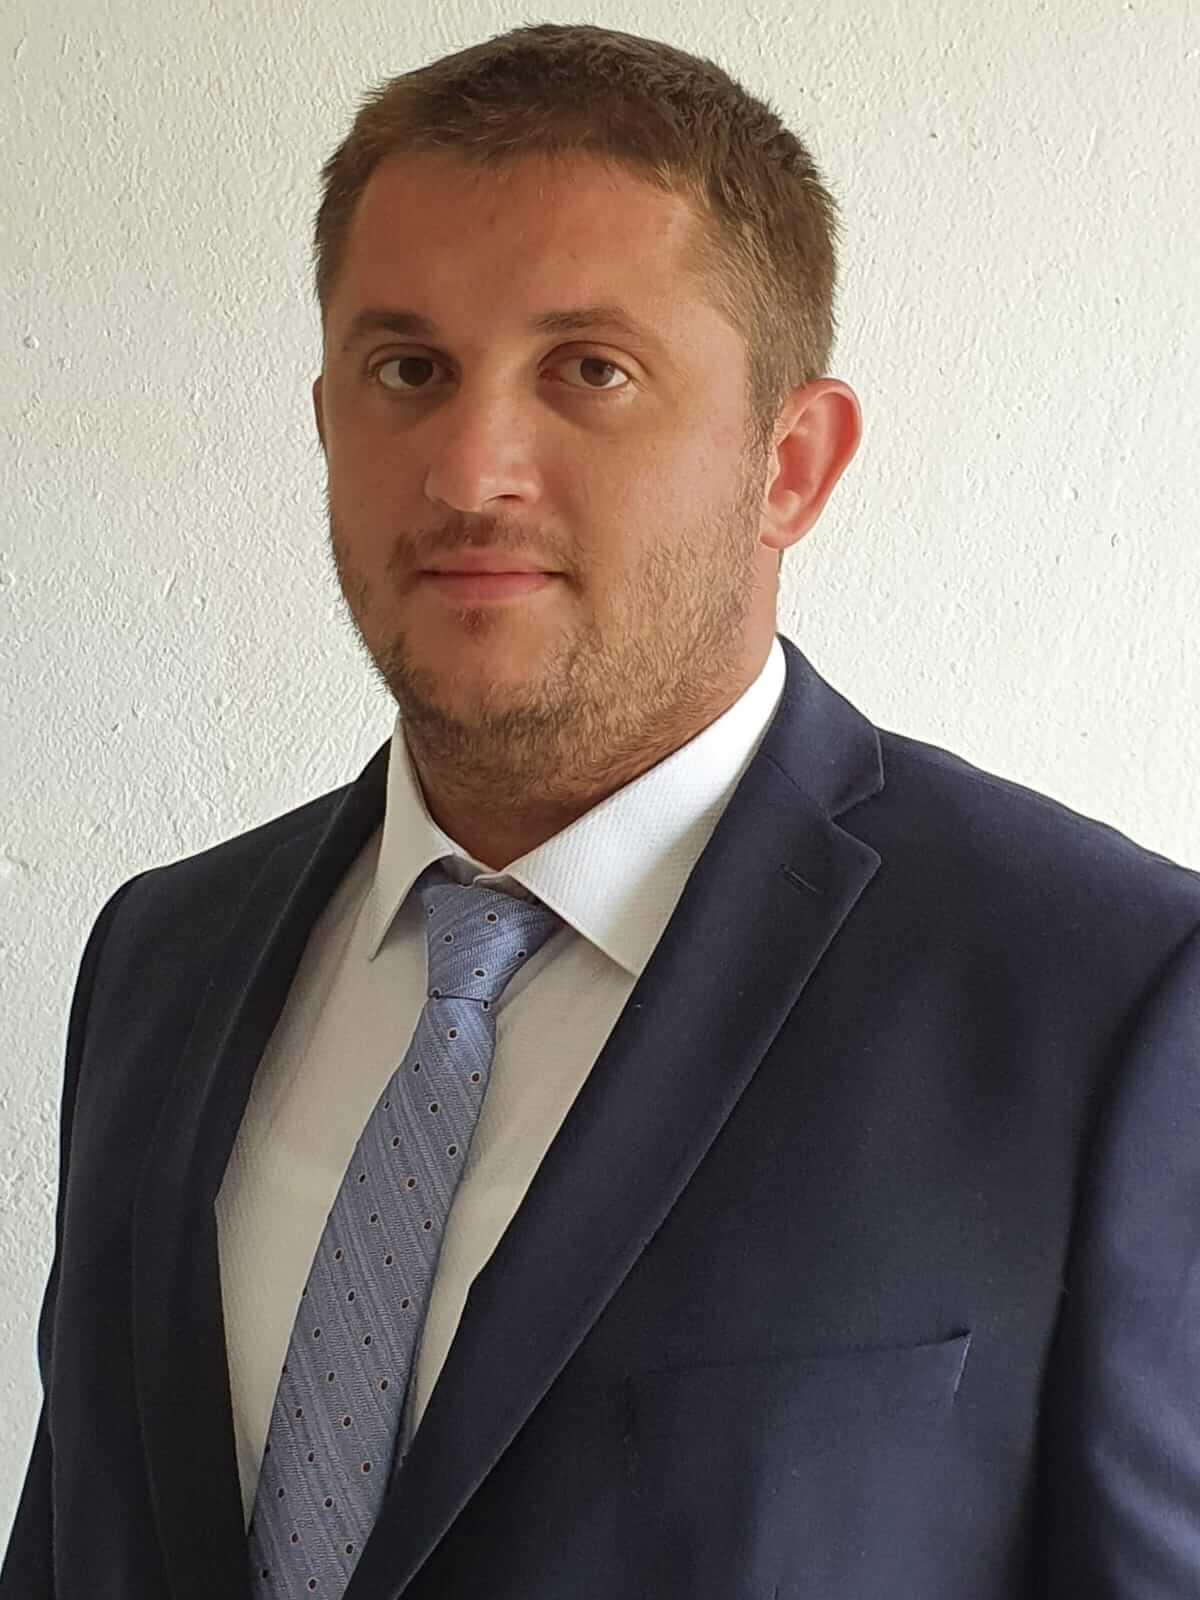 [Najmlađi kandidati na izborima] Stjepan (28) iz RESTART-a radi kao pravnik, ali i poljoprivrednik na obiteljskom OPG-u